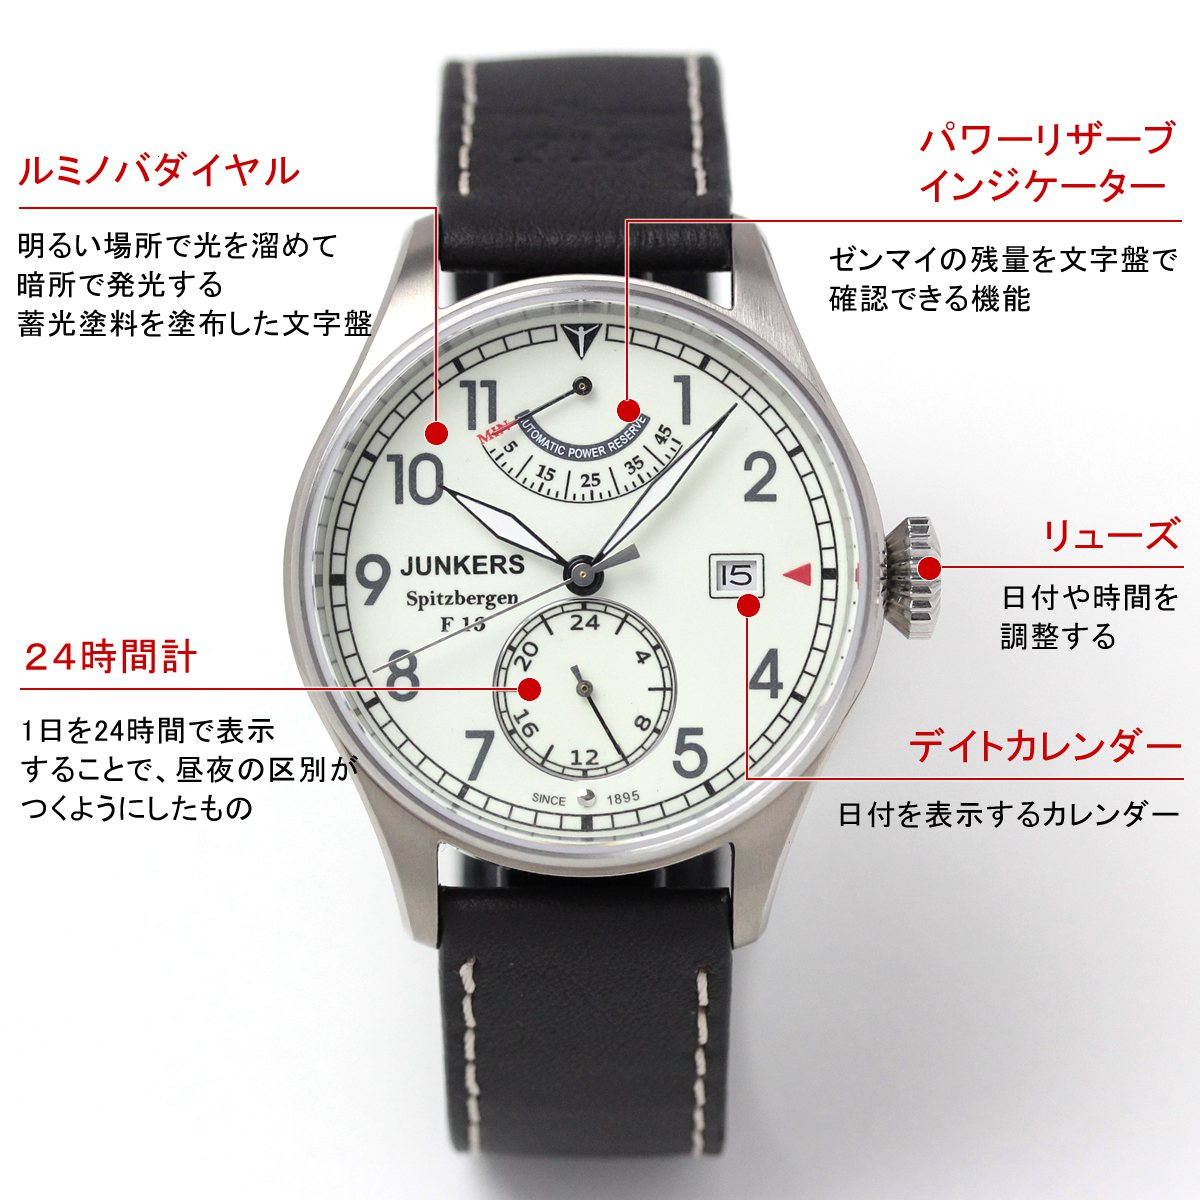 ユンカース腕時計 6160-5at-203572 機能詳細 スモールセコンドにデイトカレンダー、パワーリザーブインジケーター搭載モデル